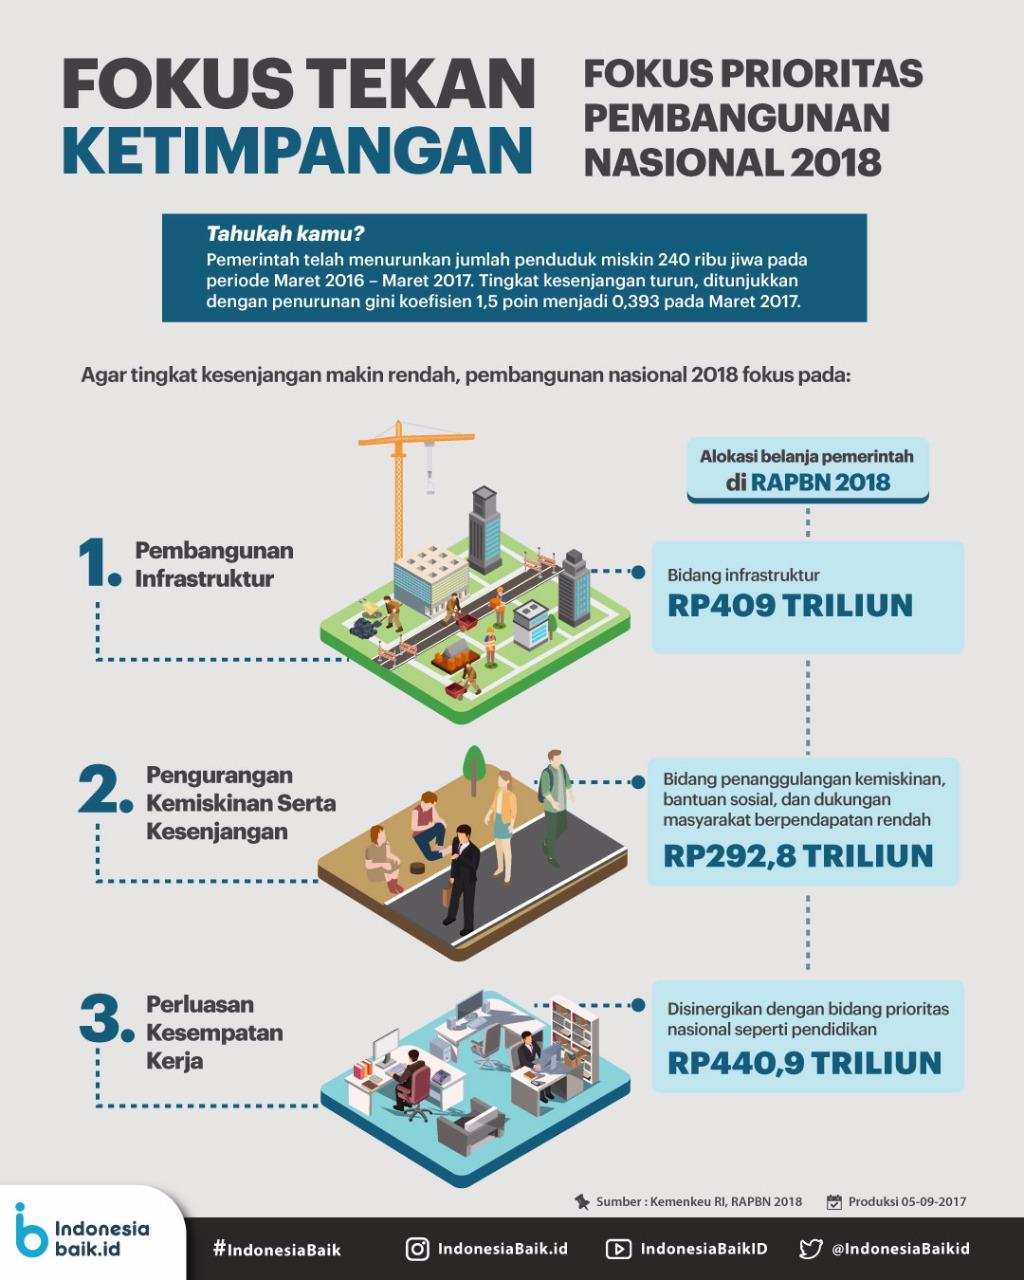 Fokus Tekan Ketimpangan: Fokus Prioritas Pembangunan Nasional